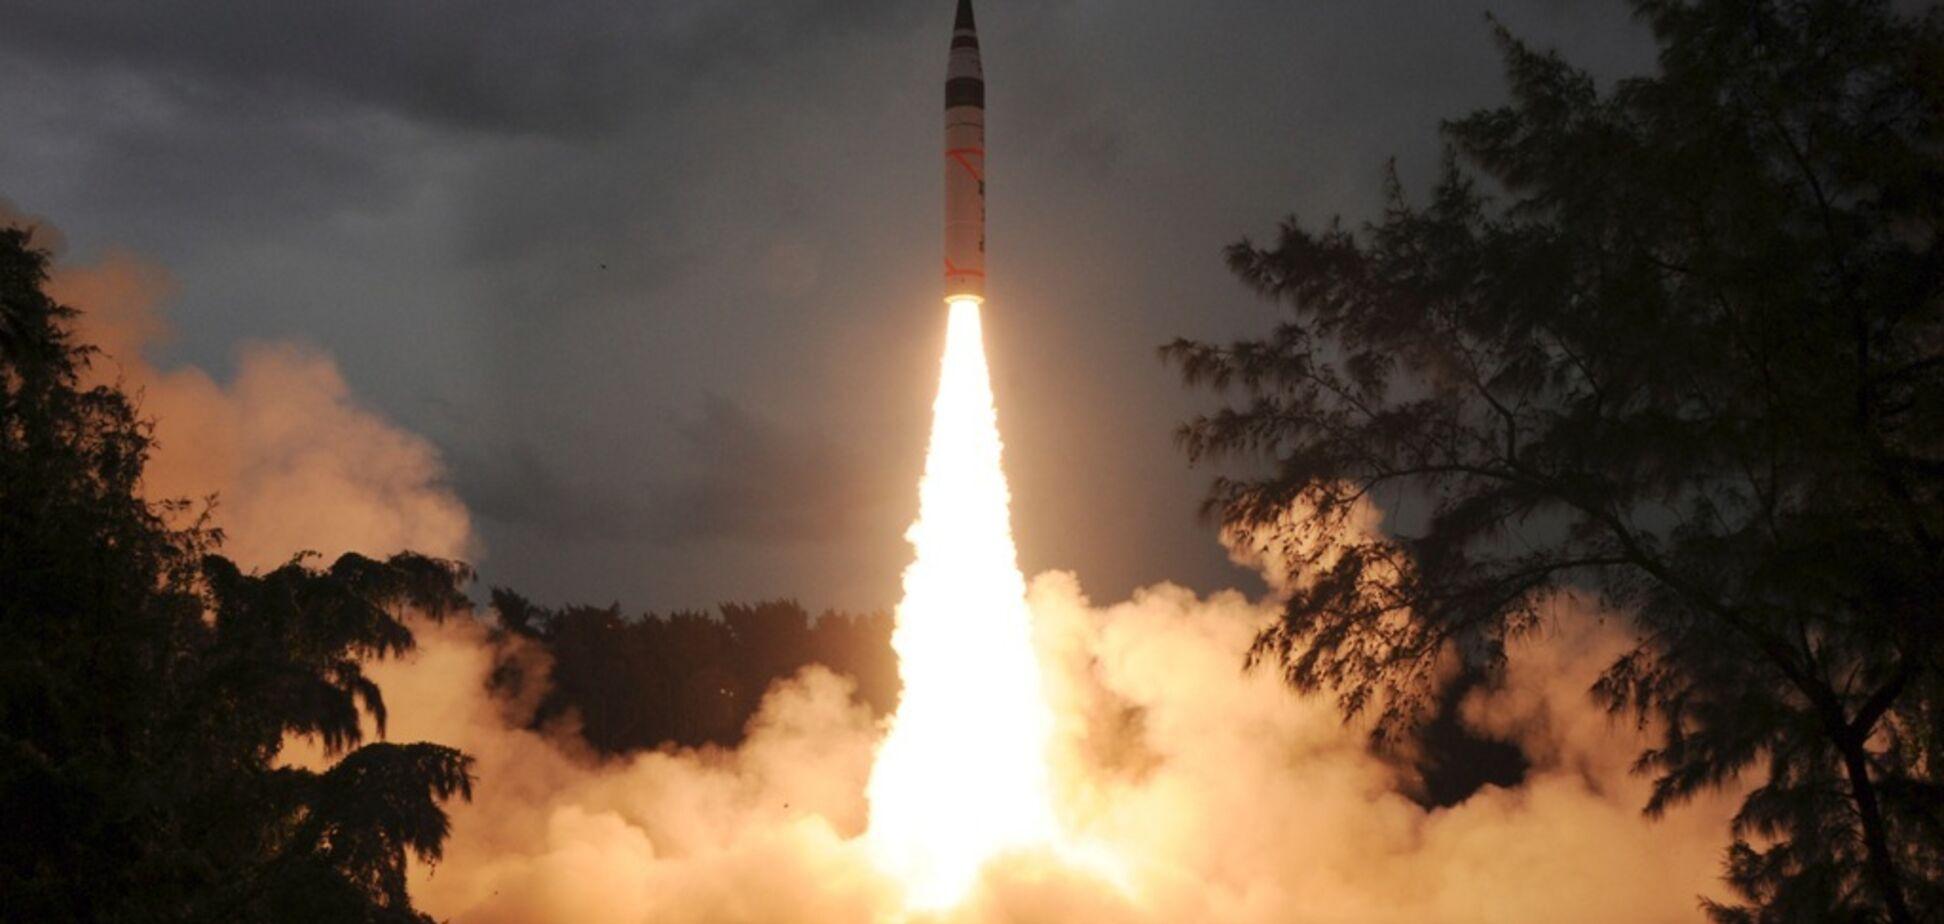 США подготовили новый ''ракетный'' сюрприз для России: что известно